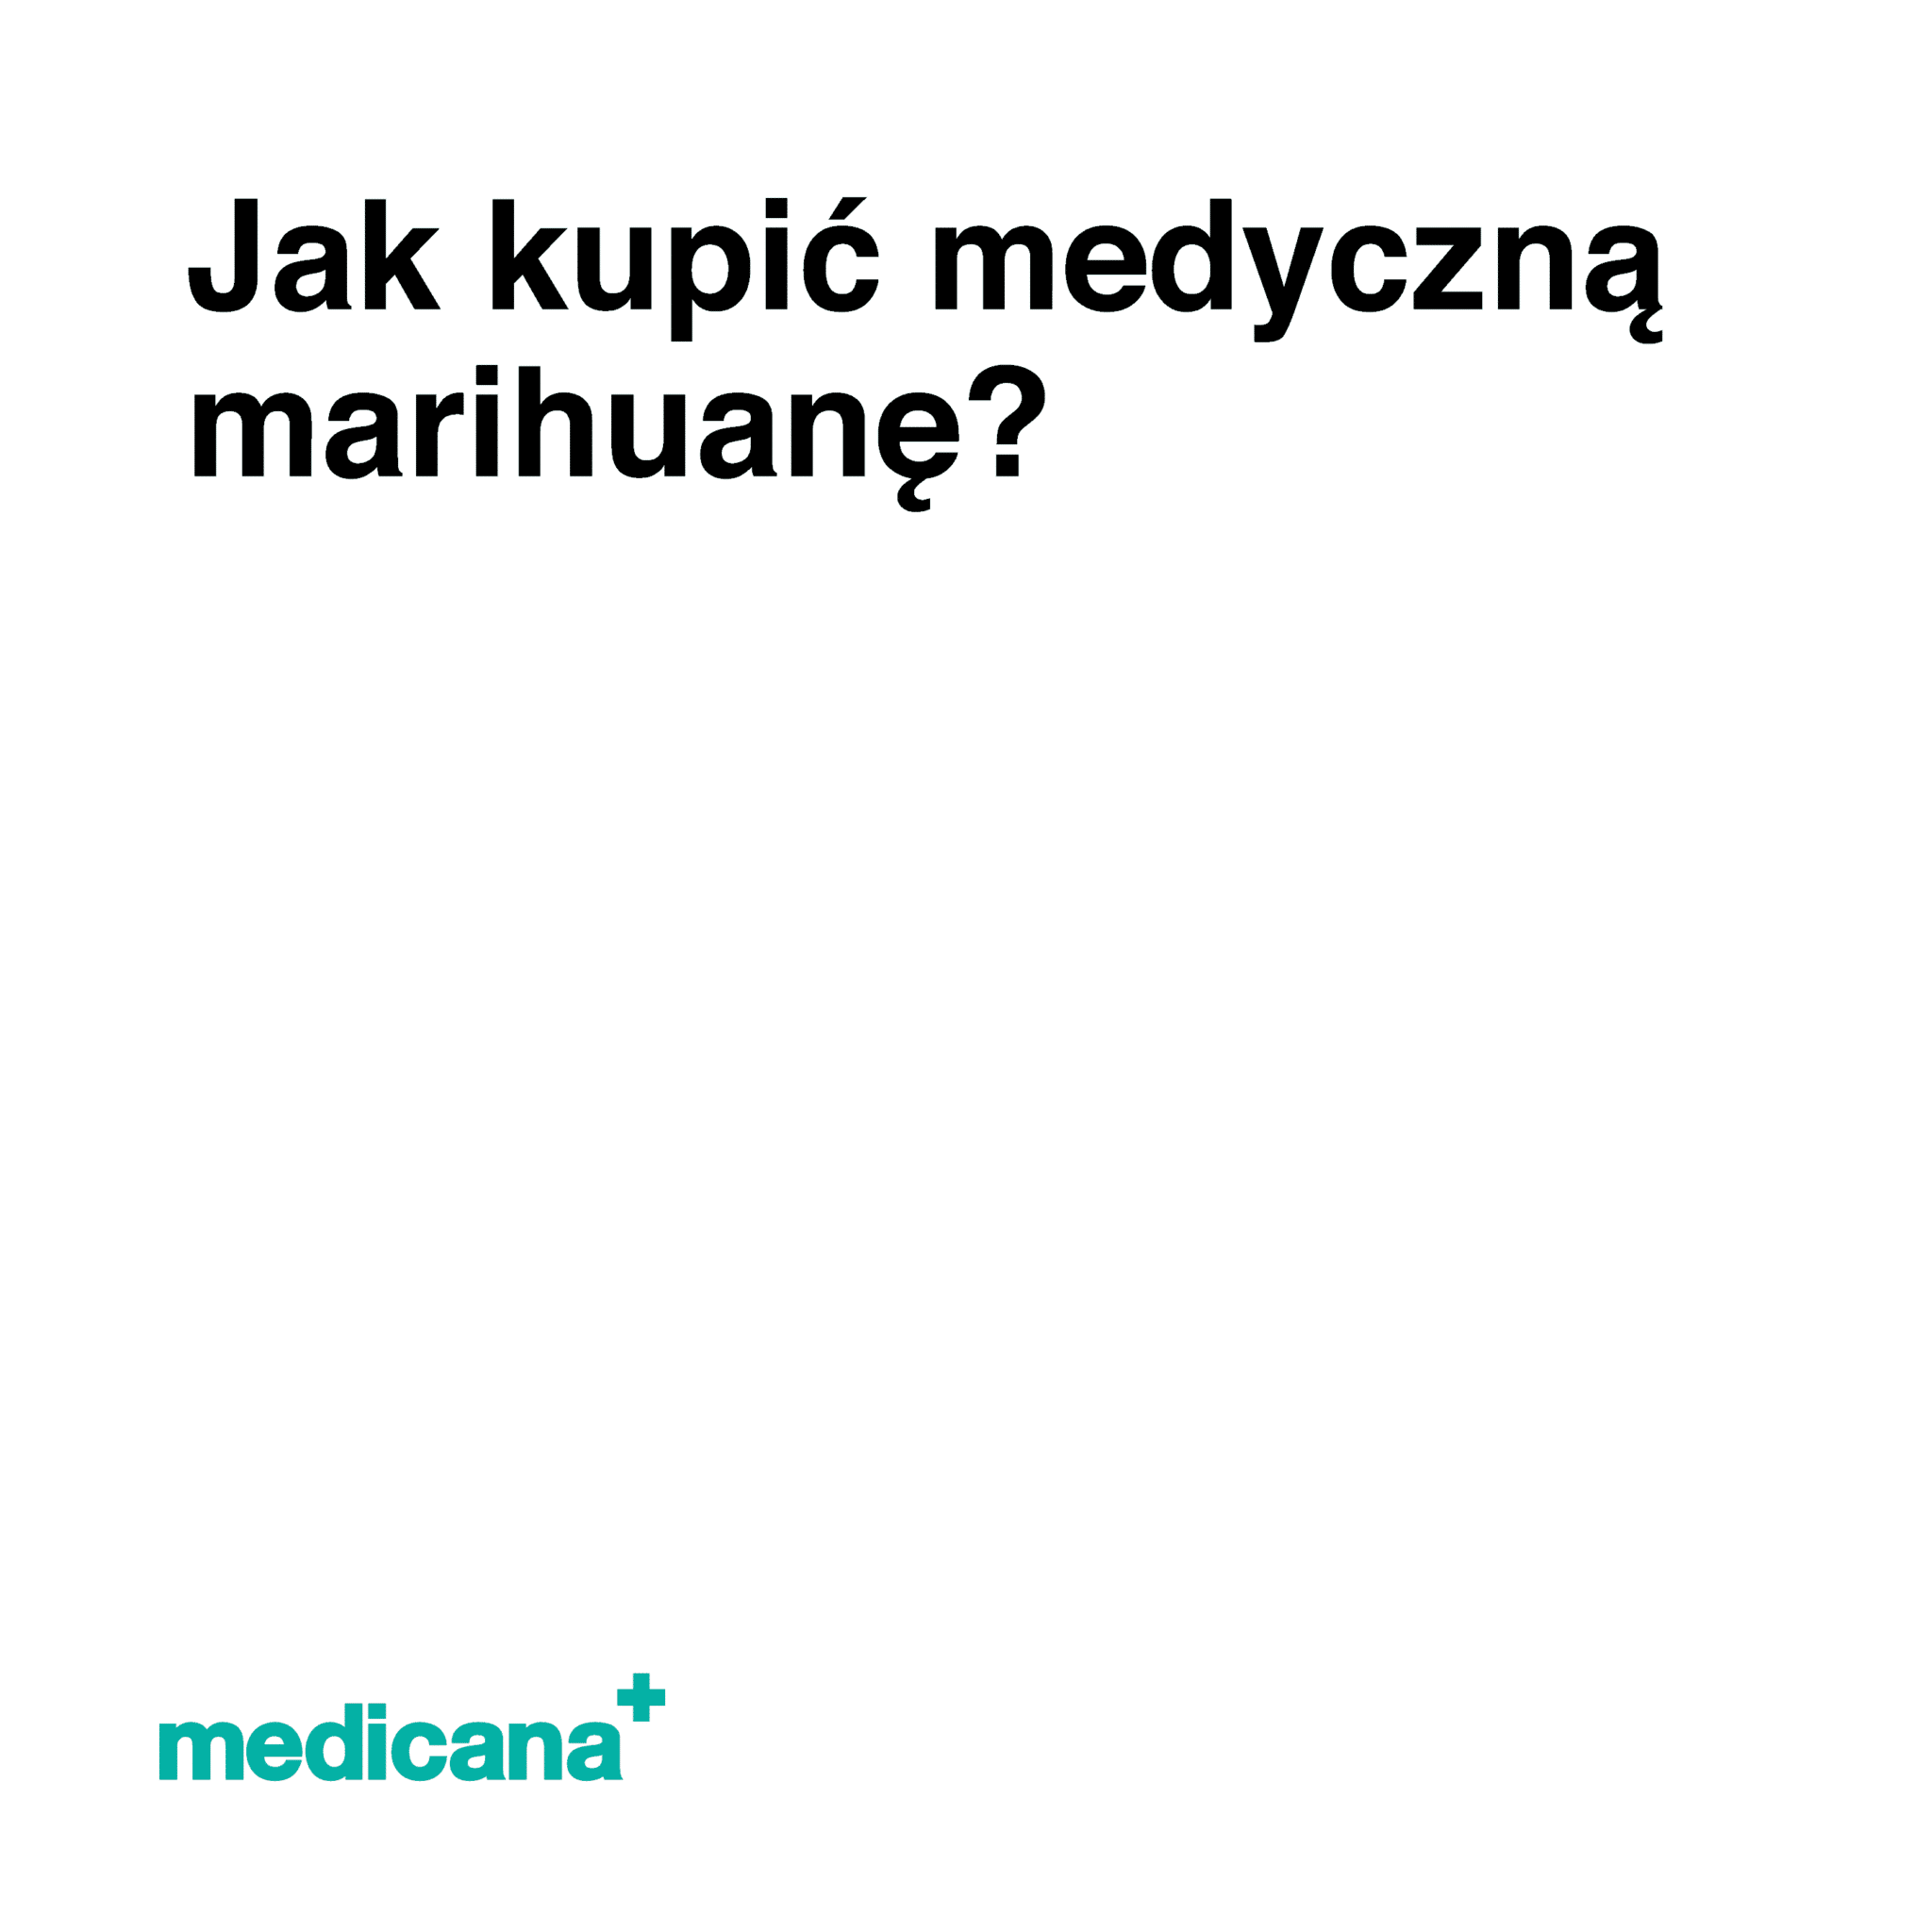 Grafika, białe tło z czarnym napisem Jak kupić medyczną marihuanę? oraz zielonym logo Medicana w lewym dolnym rogu.